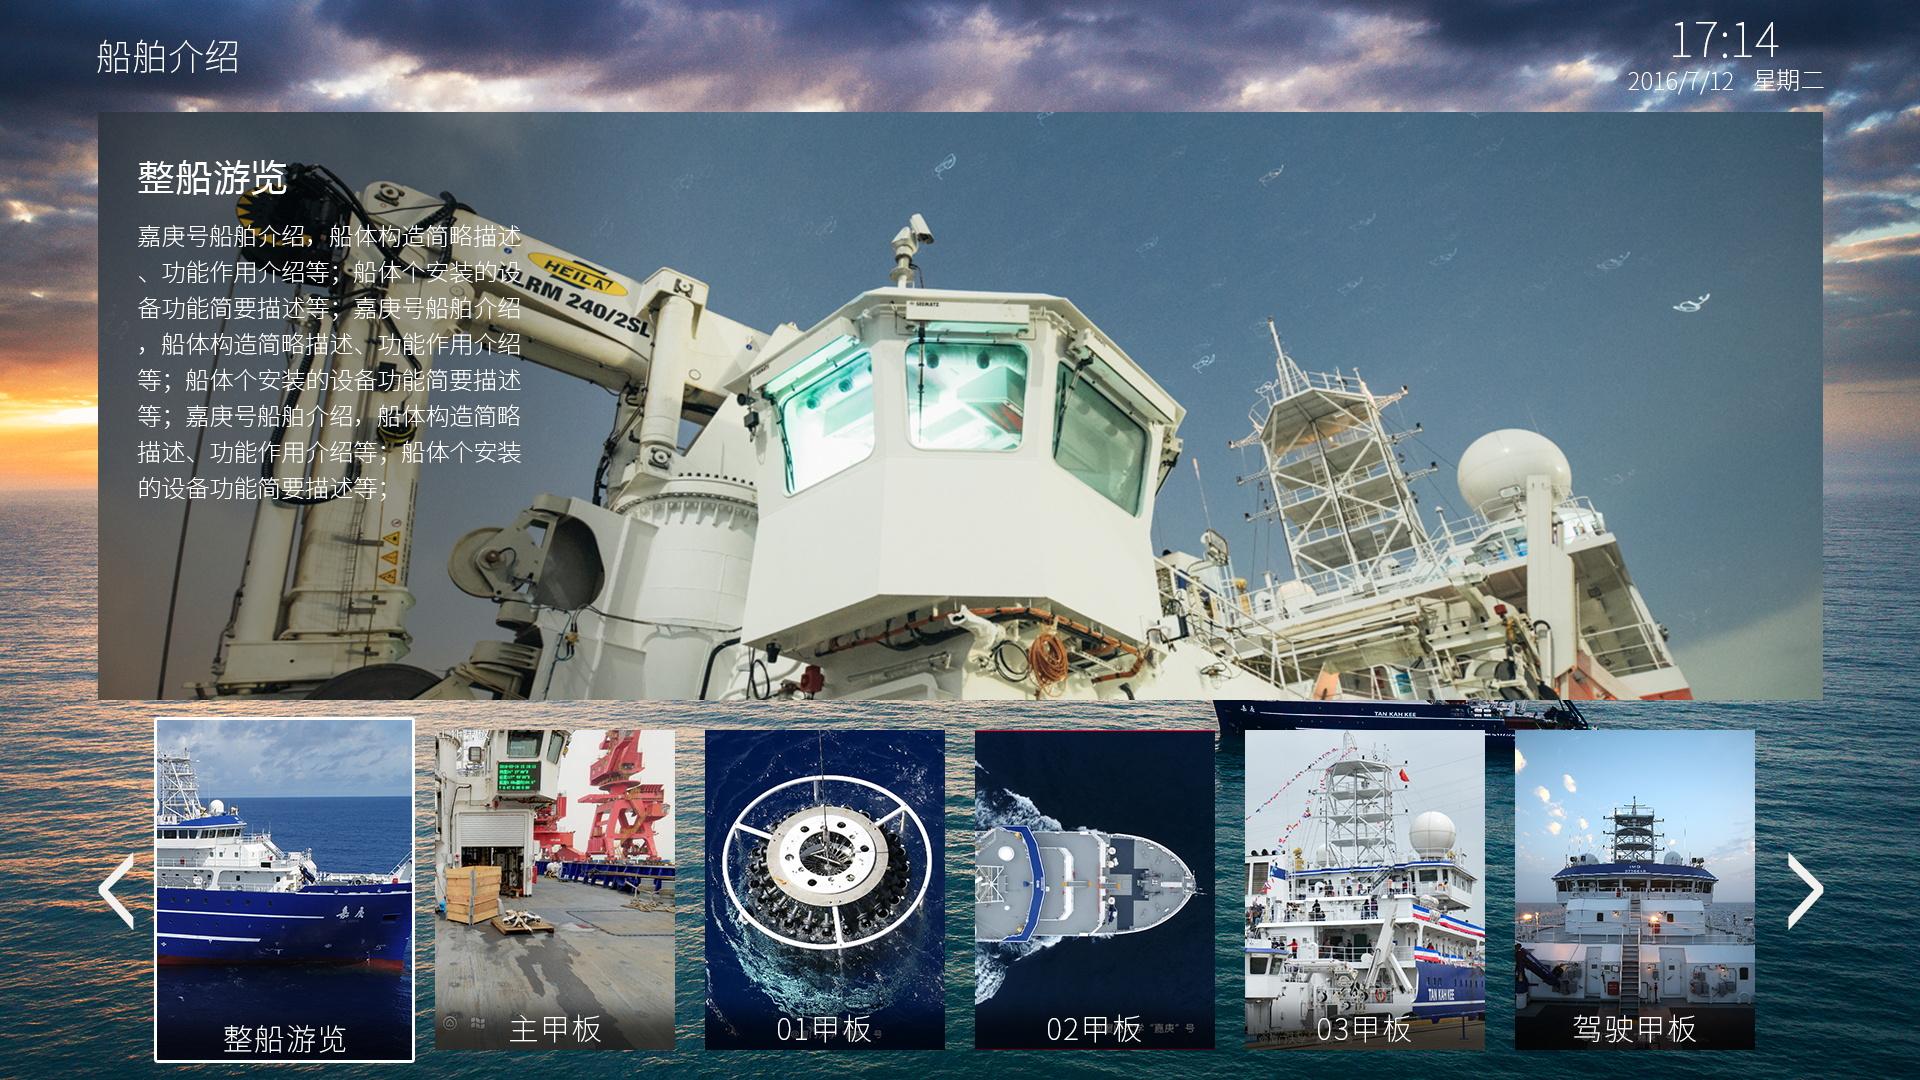 IPTV船舶介绍.jpg